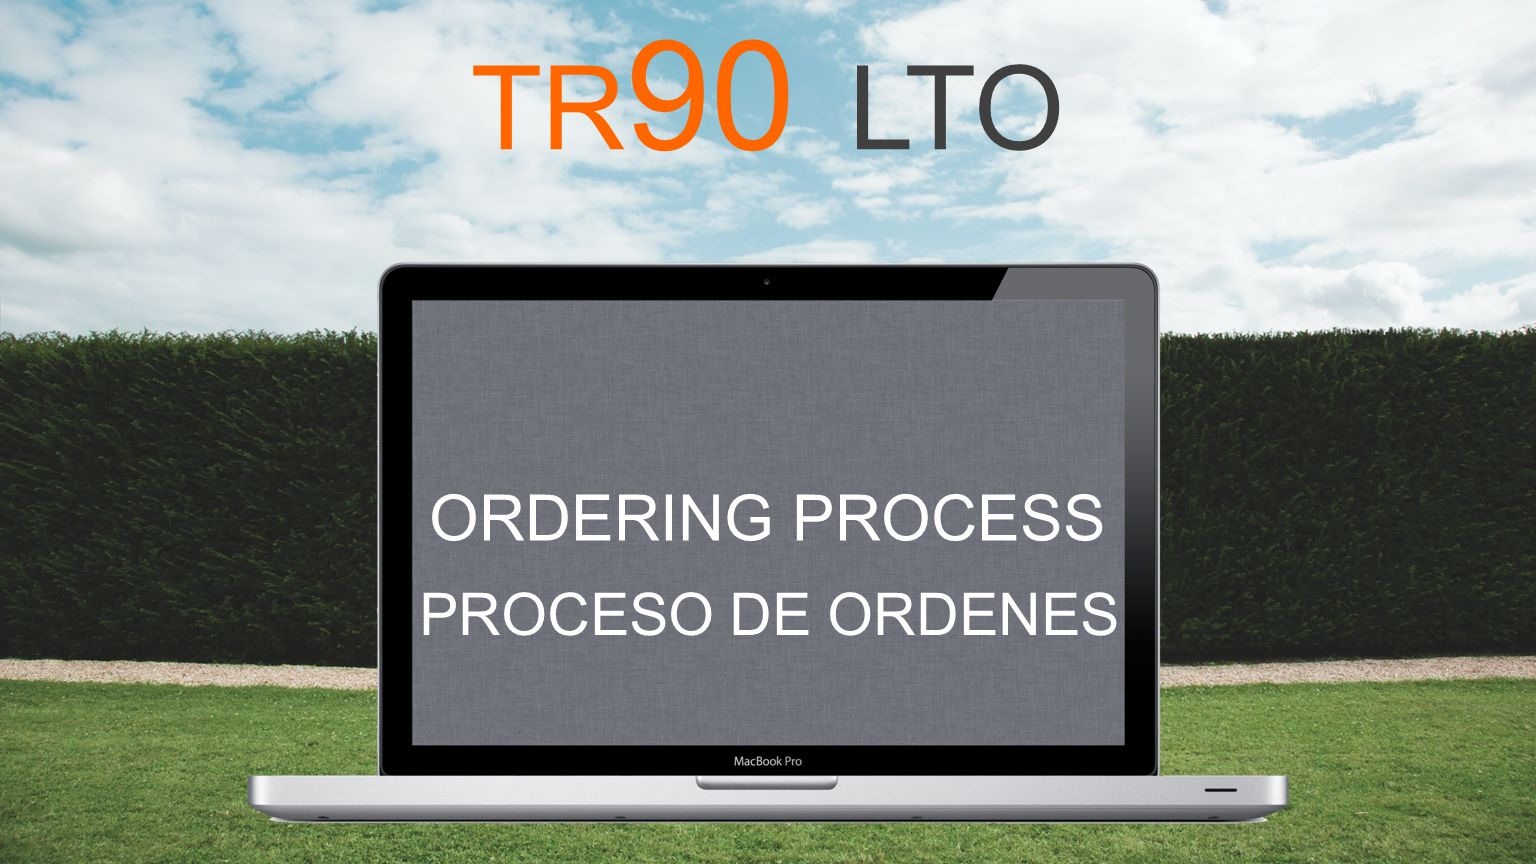 ORDERING PROCESS TR 90 LTO PROCESO DE ORDENES